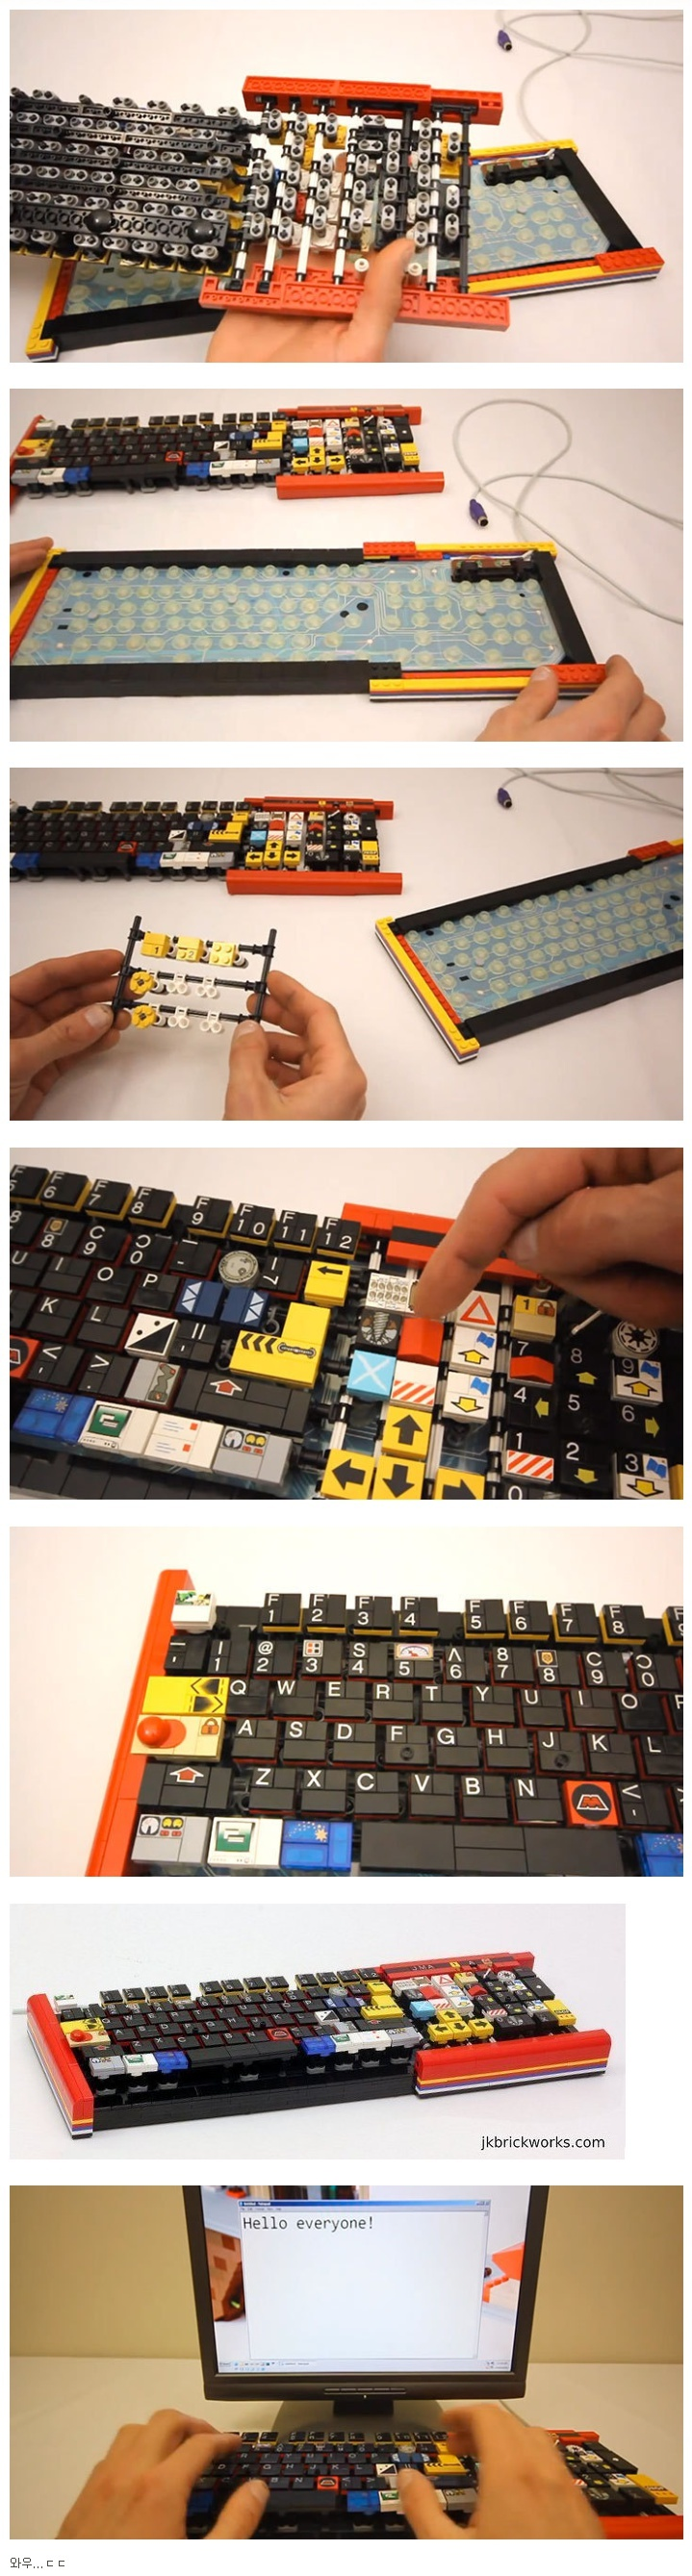 레고 키보드.jpg